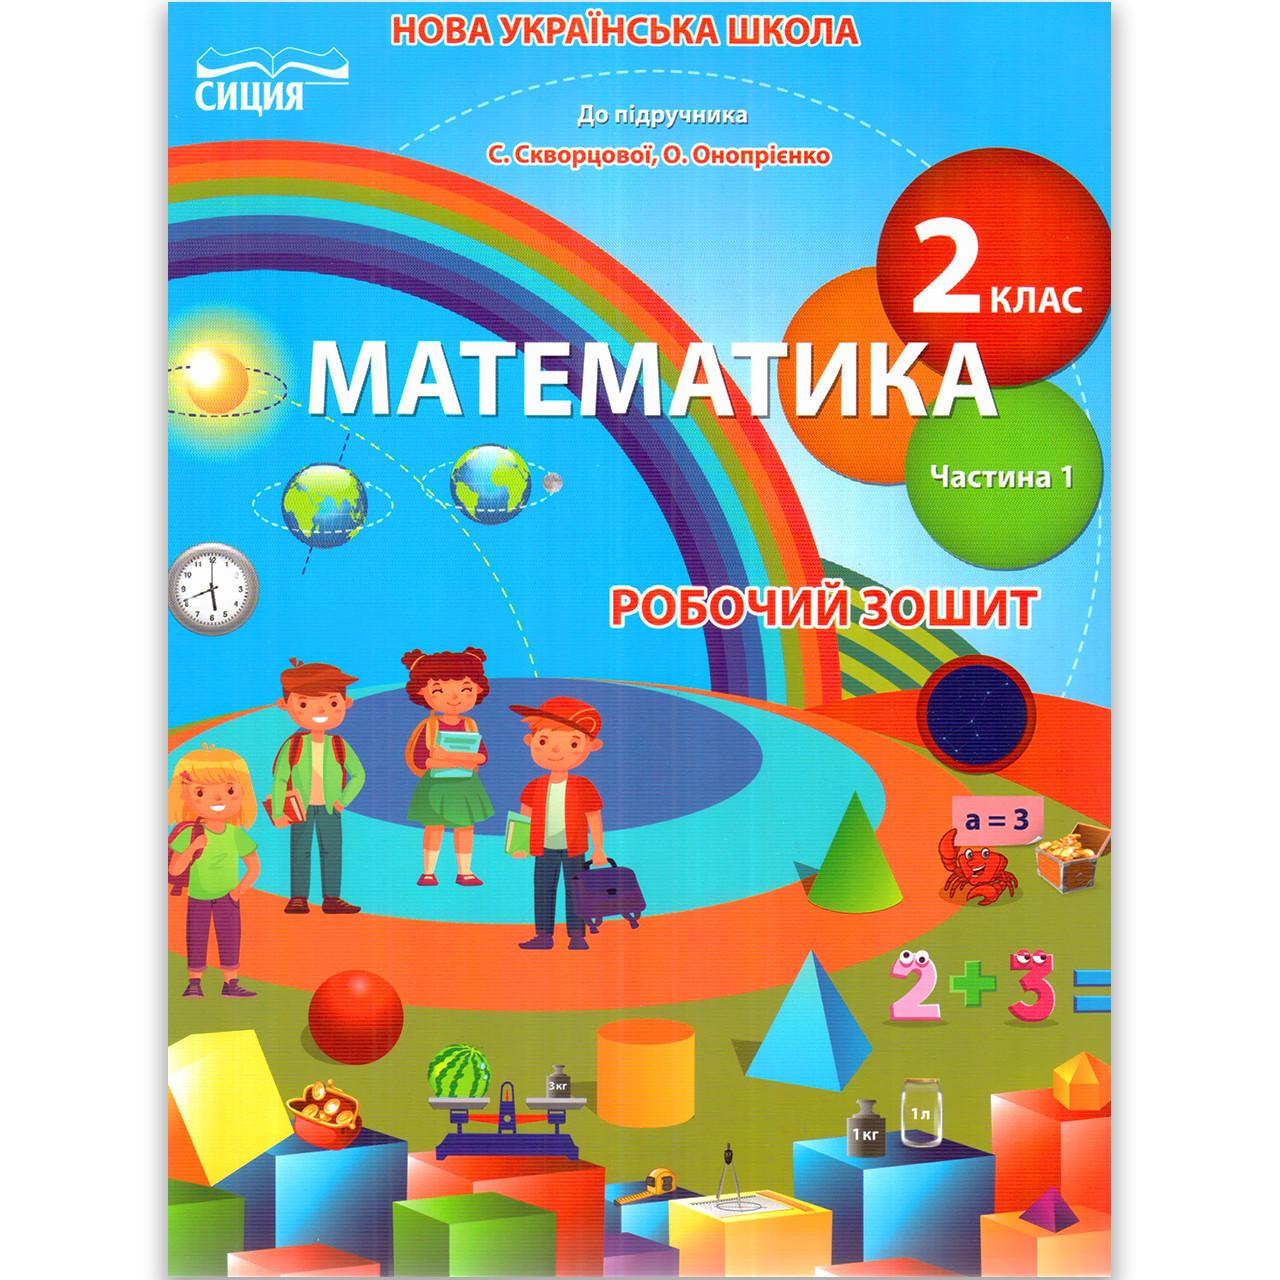 Зошит Математика 2 клас Частина 1 До підручника Скворцової С. Авт: Безкоровайна О. Вид: Сиция